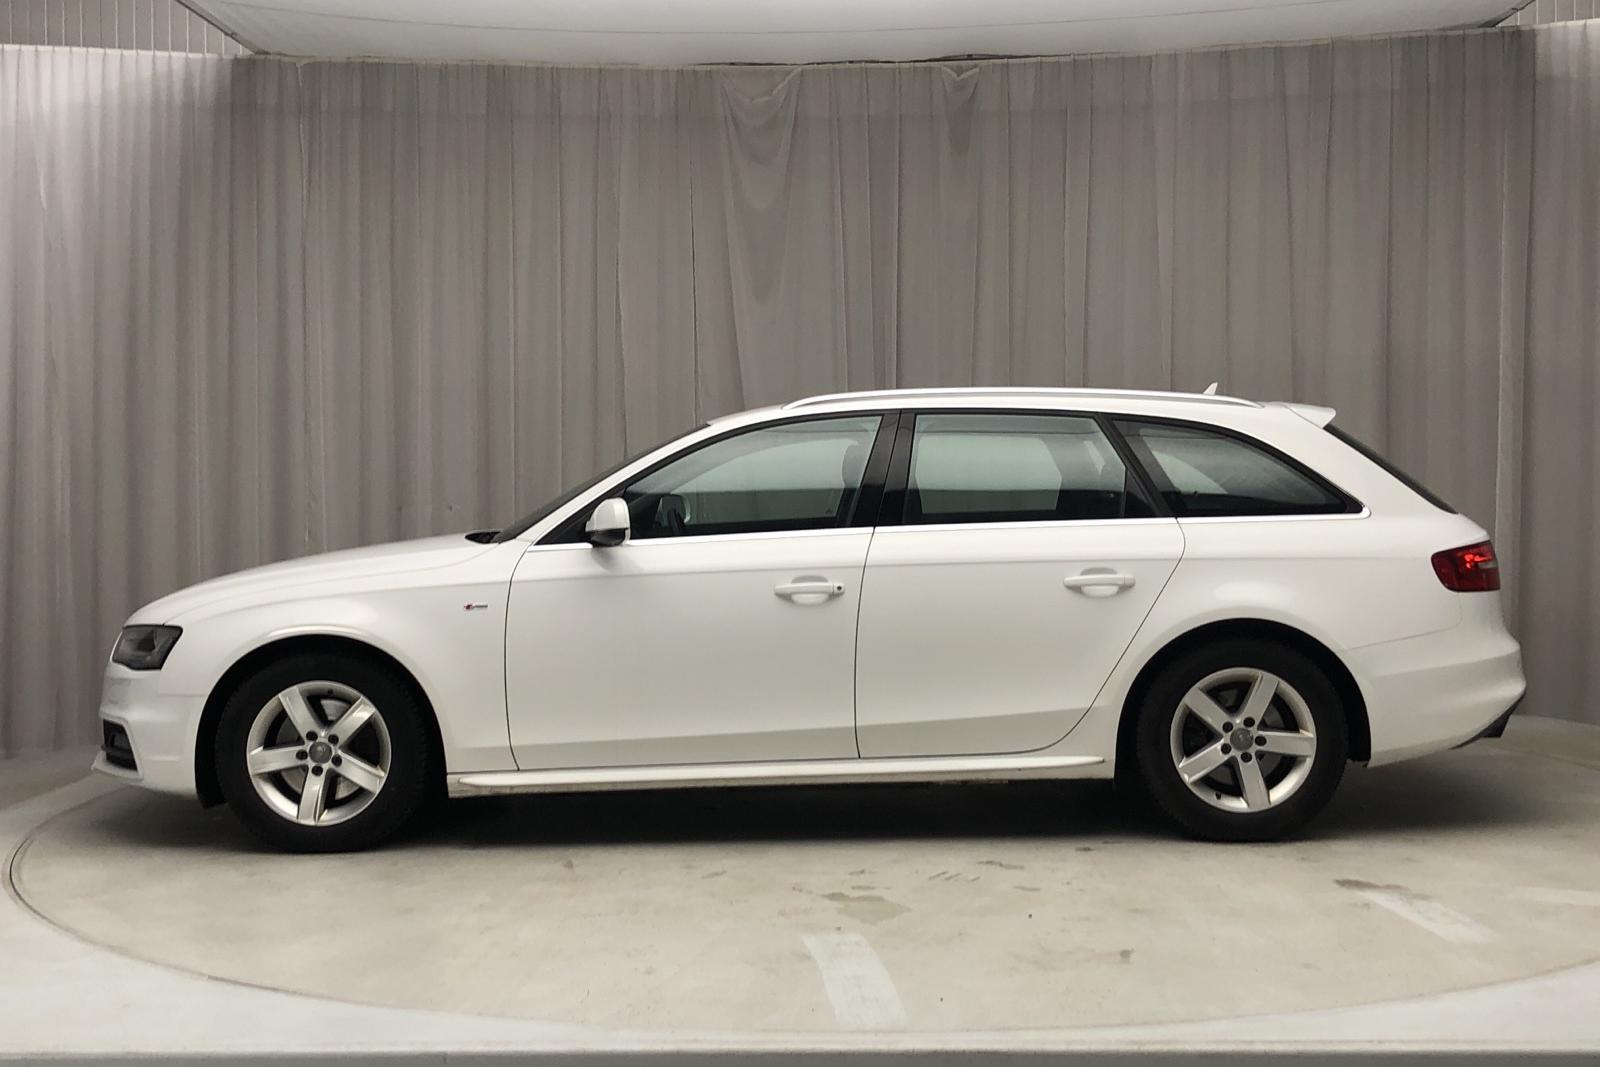 Audi A4 2.0 TDI clean diesel Avant quattro (190hk) - 10 412 mil - Automat - vit - 2015